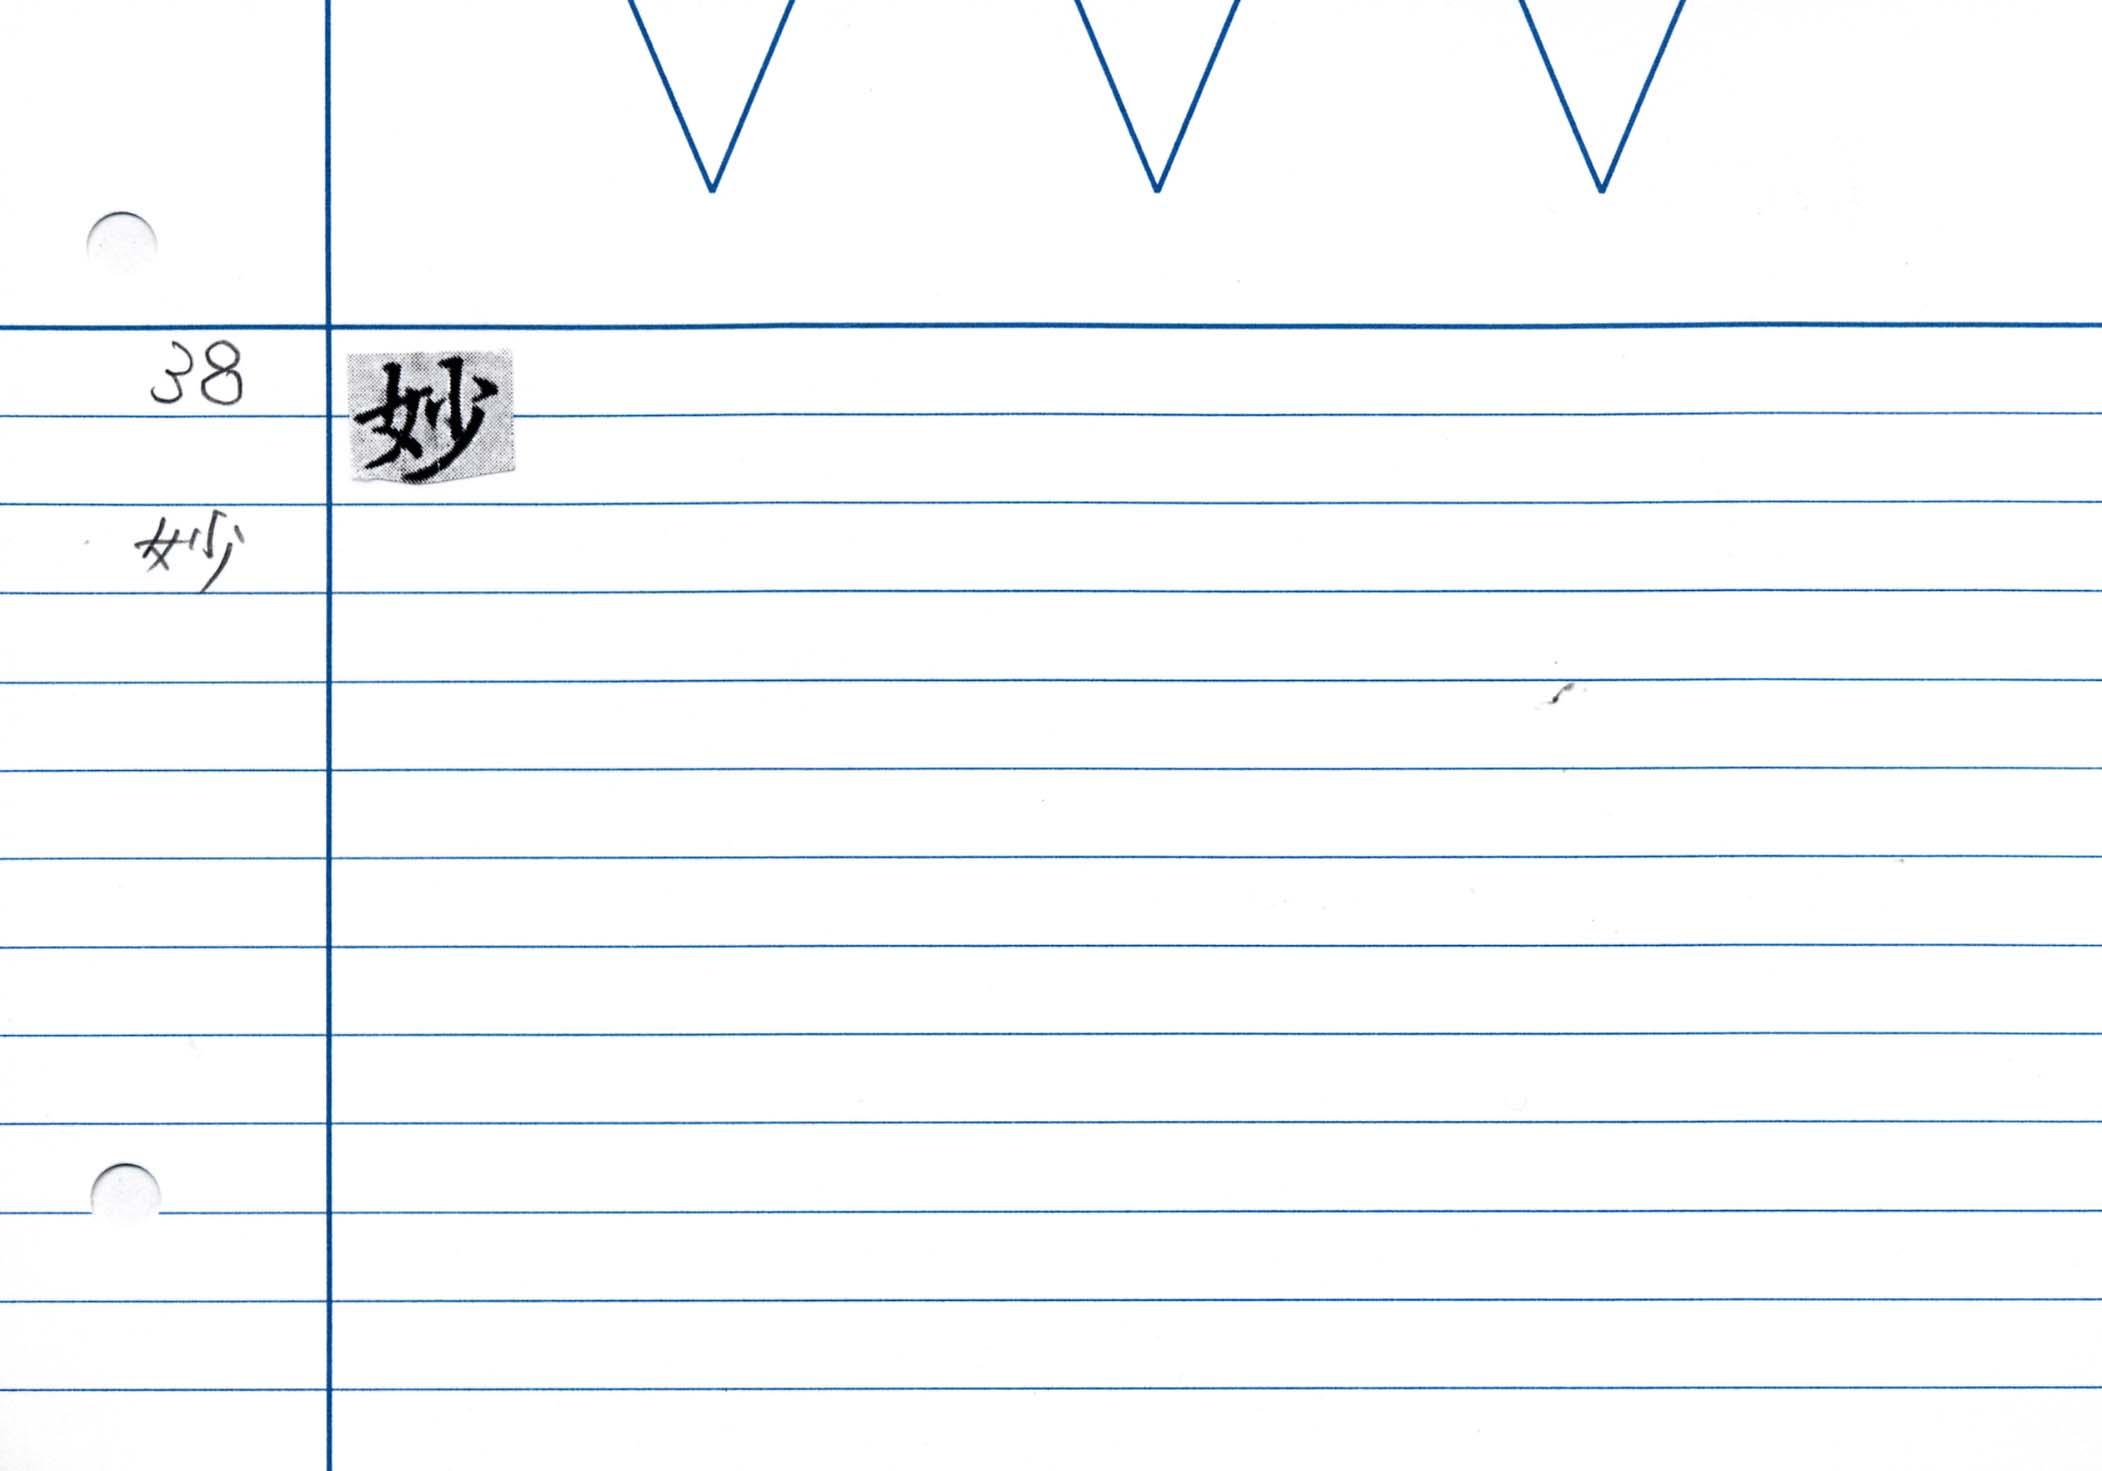 27_金剛般若經(京都国立博物館本)/cards/0030.jpg